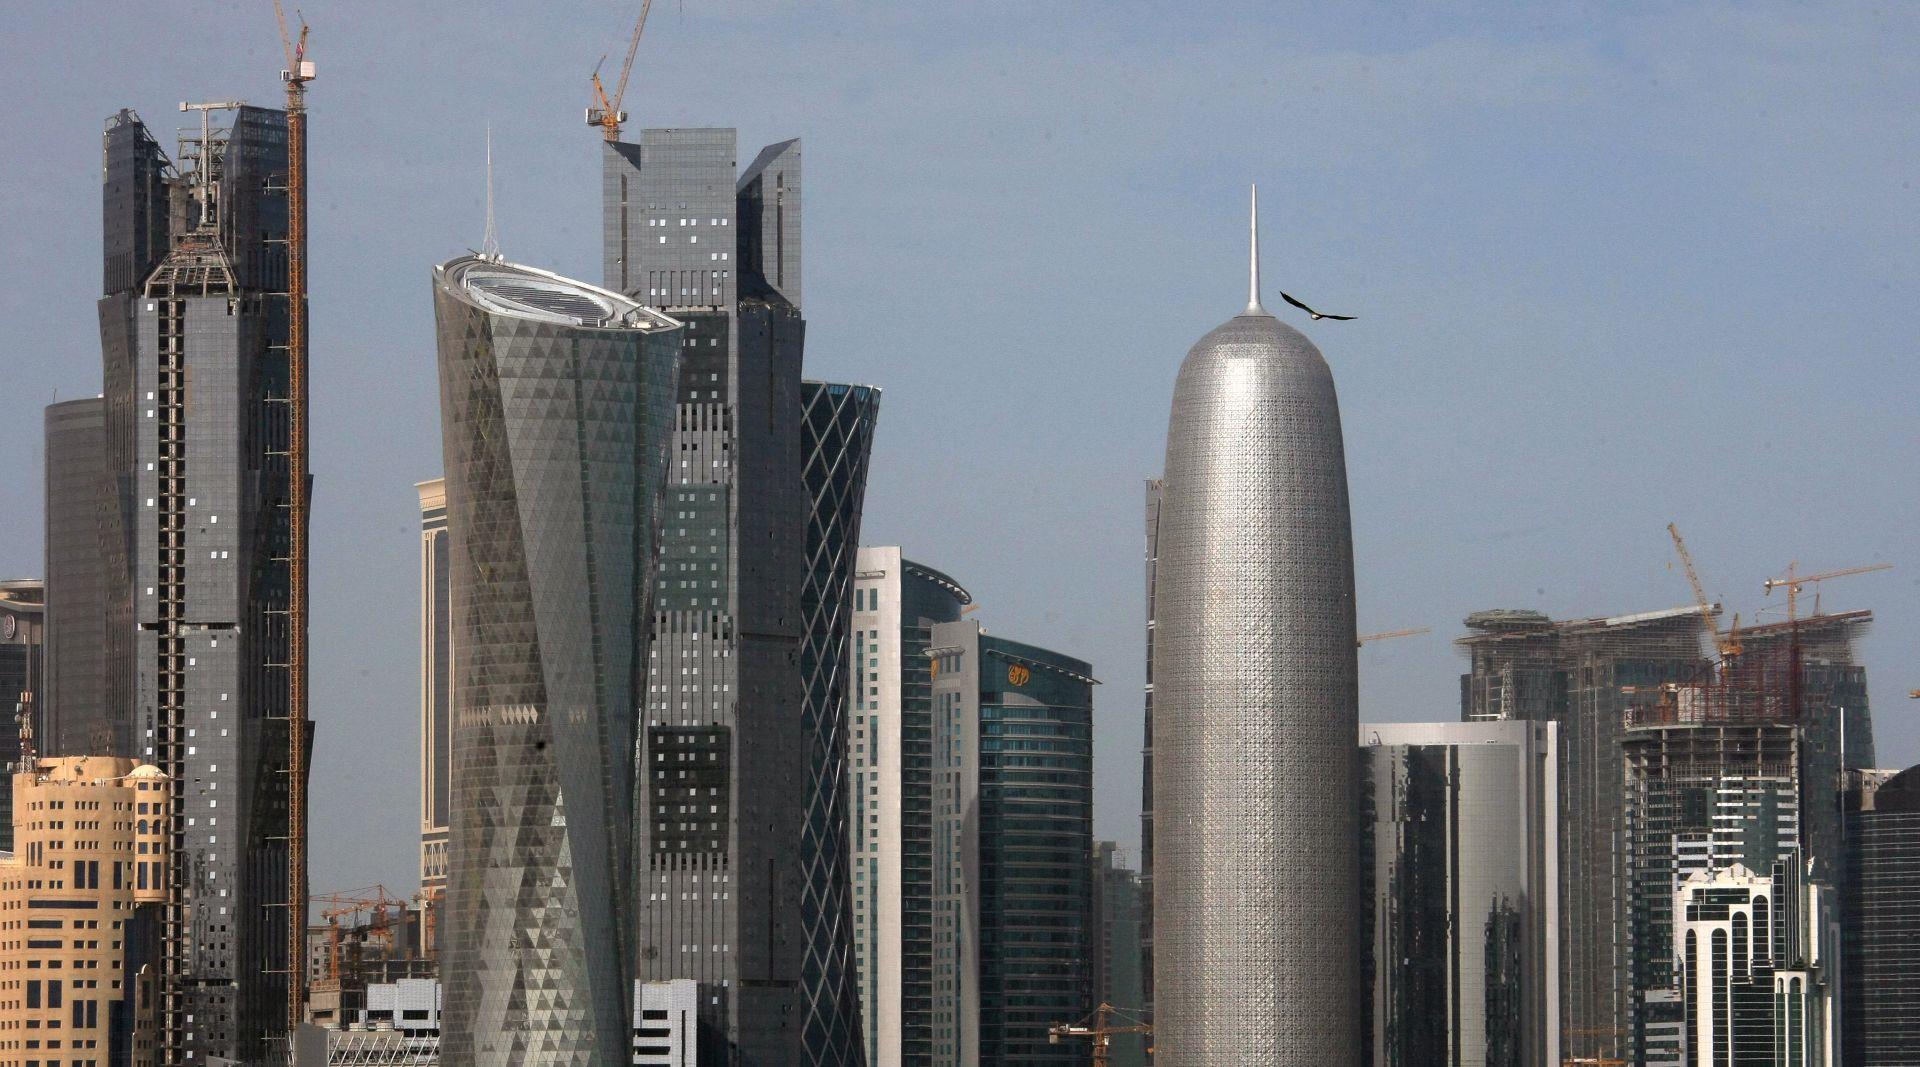 Rijad i saveznici: 'Odbijanje naših zahtjeva dokaz povezanosti Katara s terorizmom'